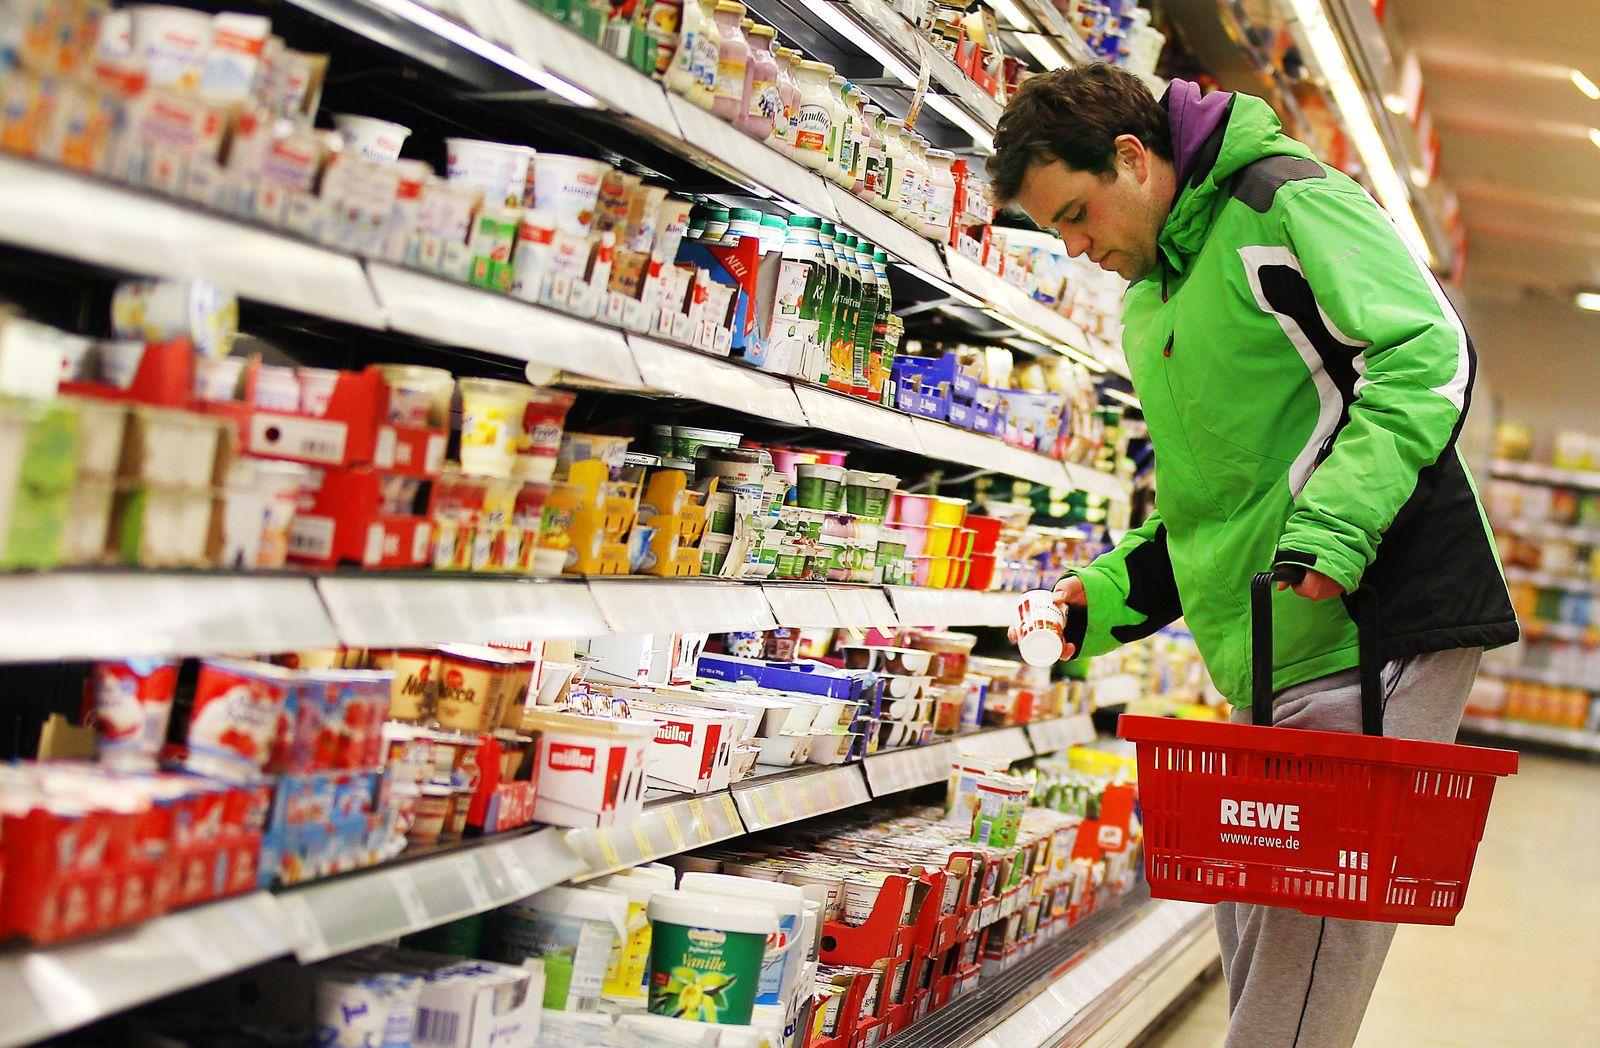 Nahrungsmittel / Supermarkt / Lebensmittel / Preise / Inflation / Konsum